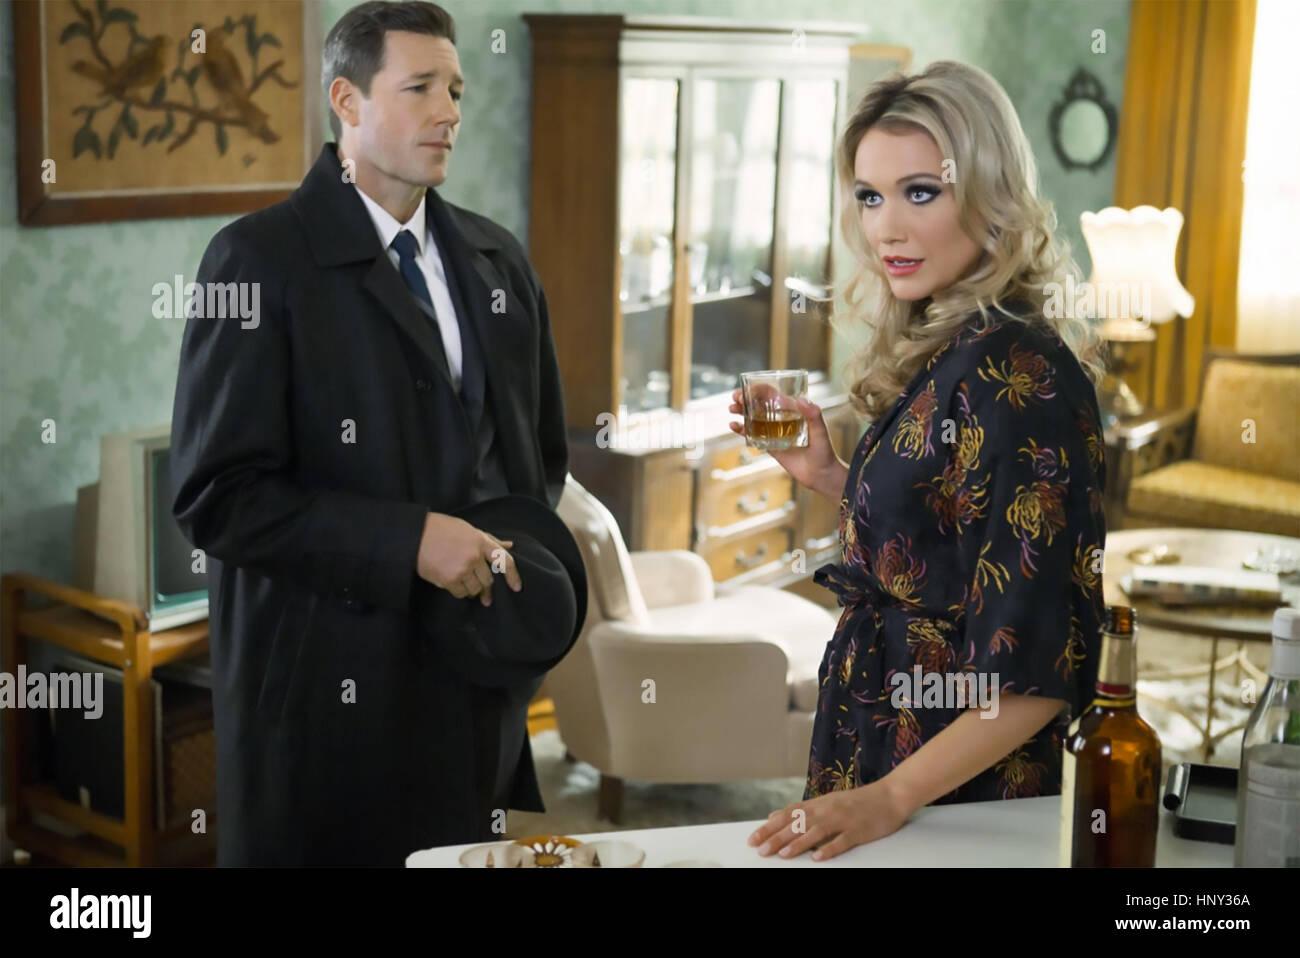 La morale pubblica 2015 Amblin serie televisiva con Katrina Bowden e ustioni del Edward Immagini Stock